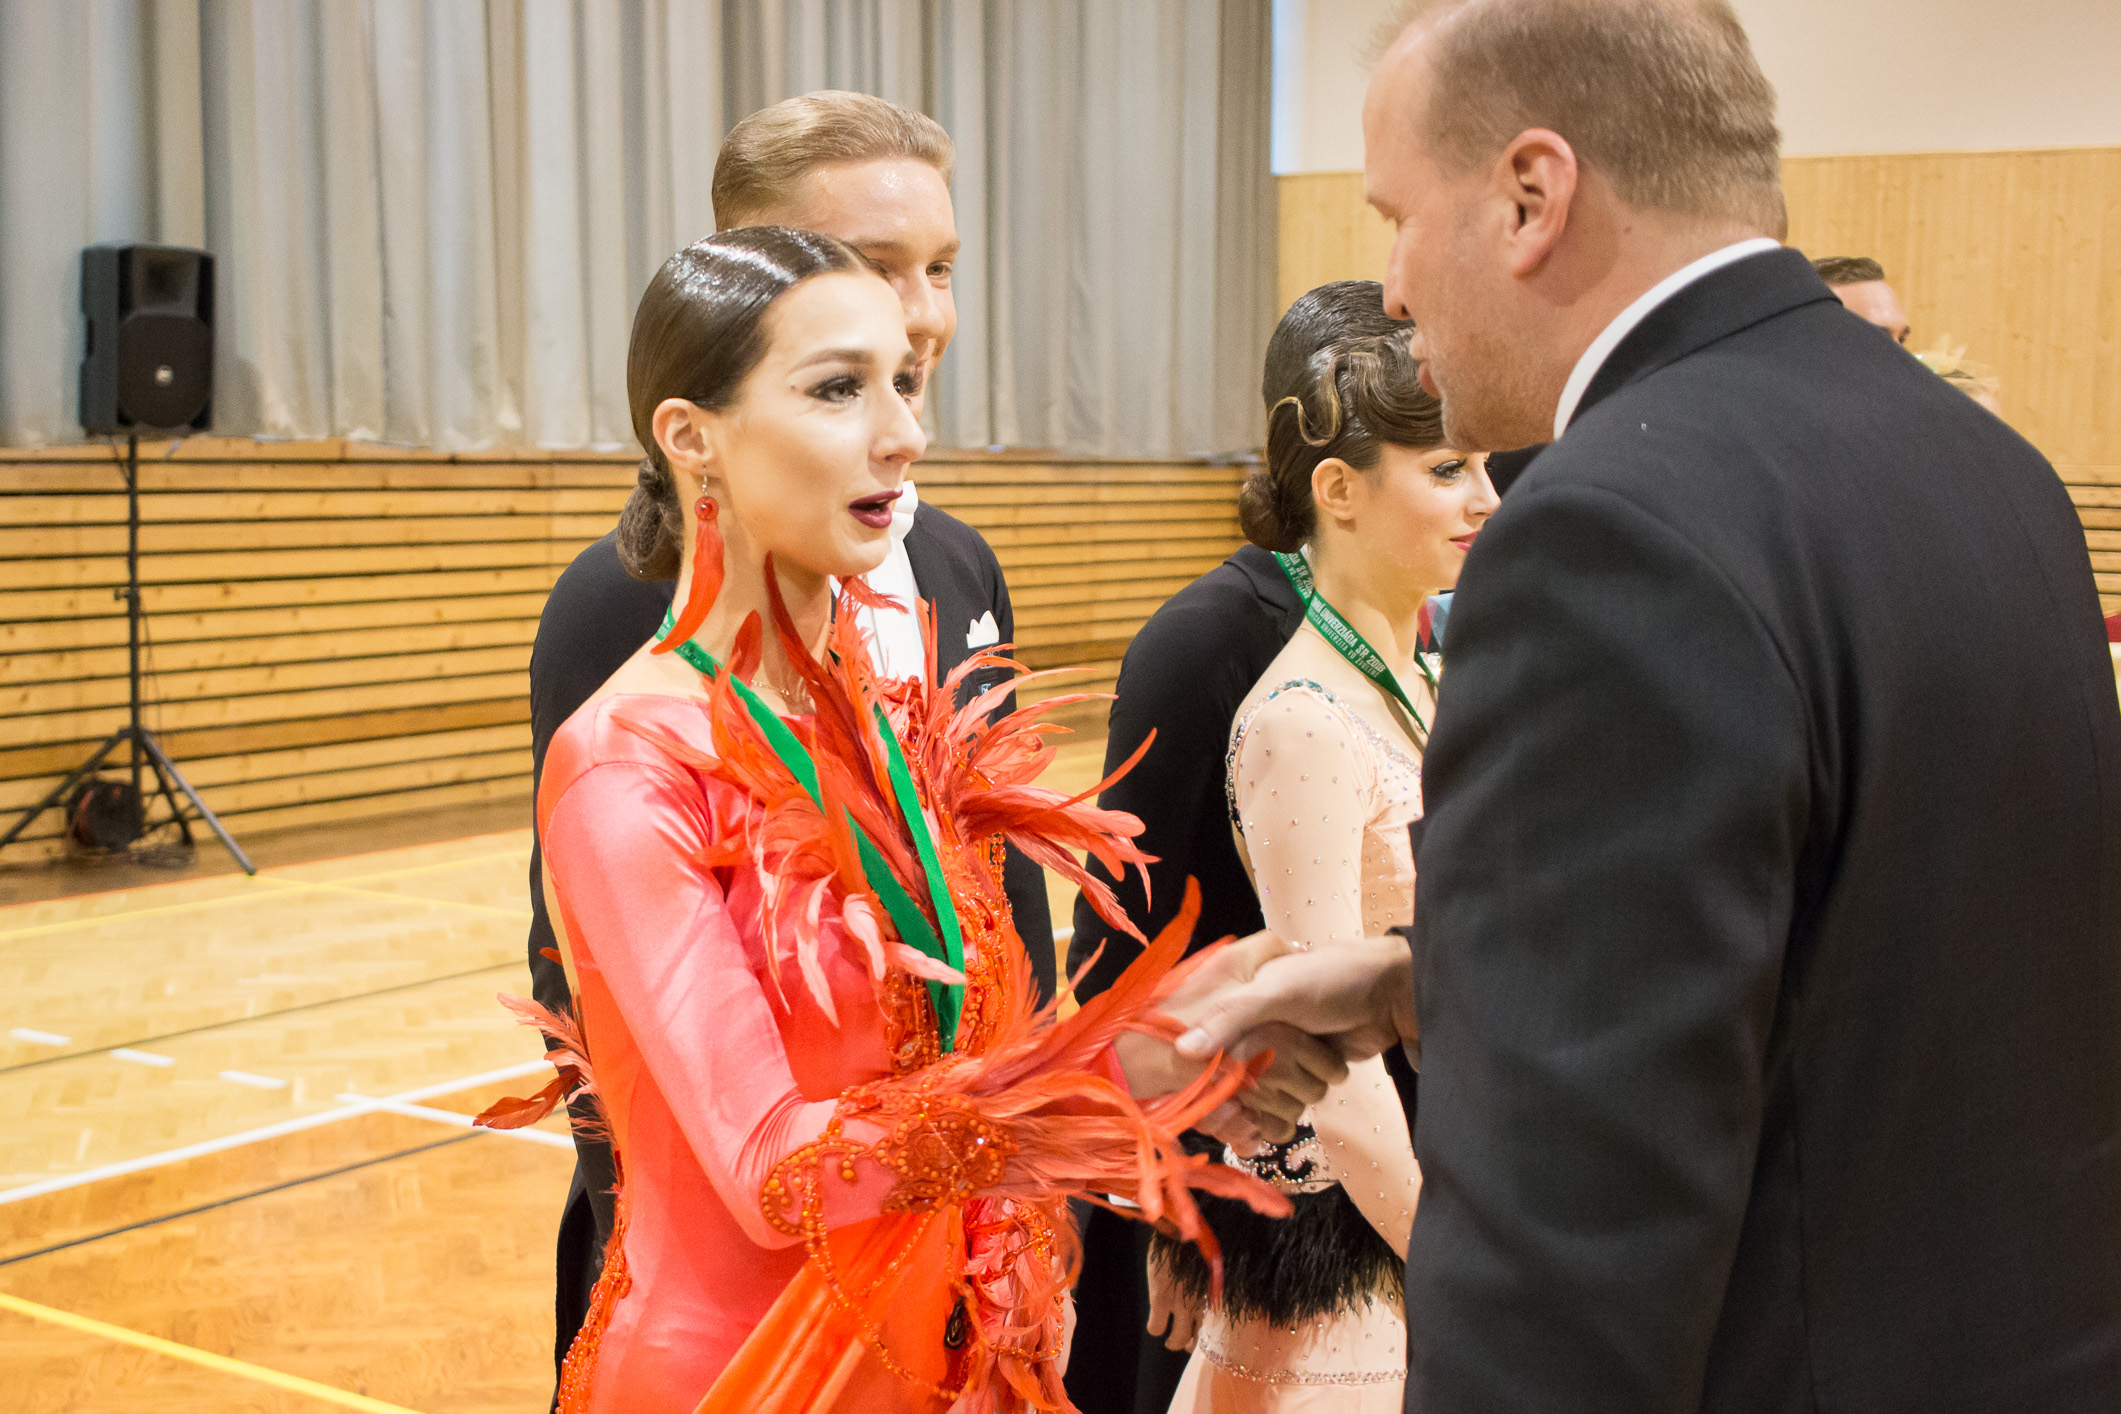 univerziada-tu-zv-tanecny-sport-11